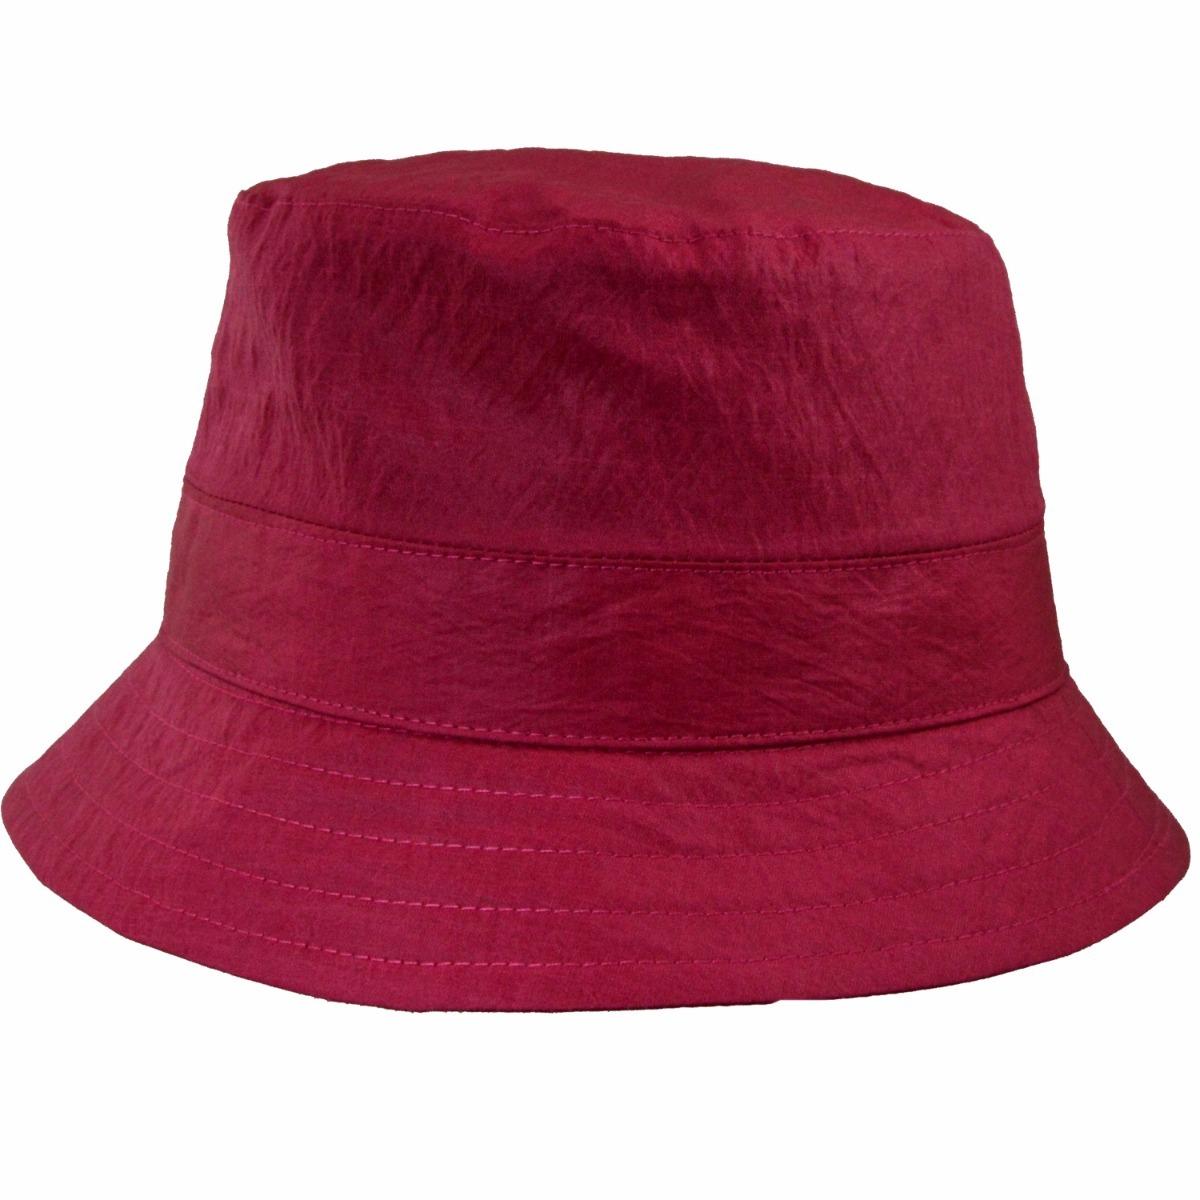 sombrero human sarge lluvia compañia de sombreros 71220293. Cargando zoom. eb6e0f0119c6